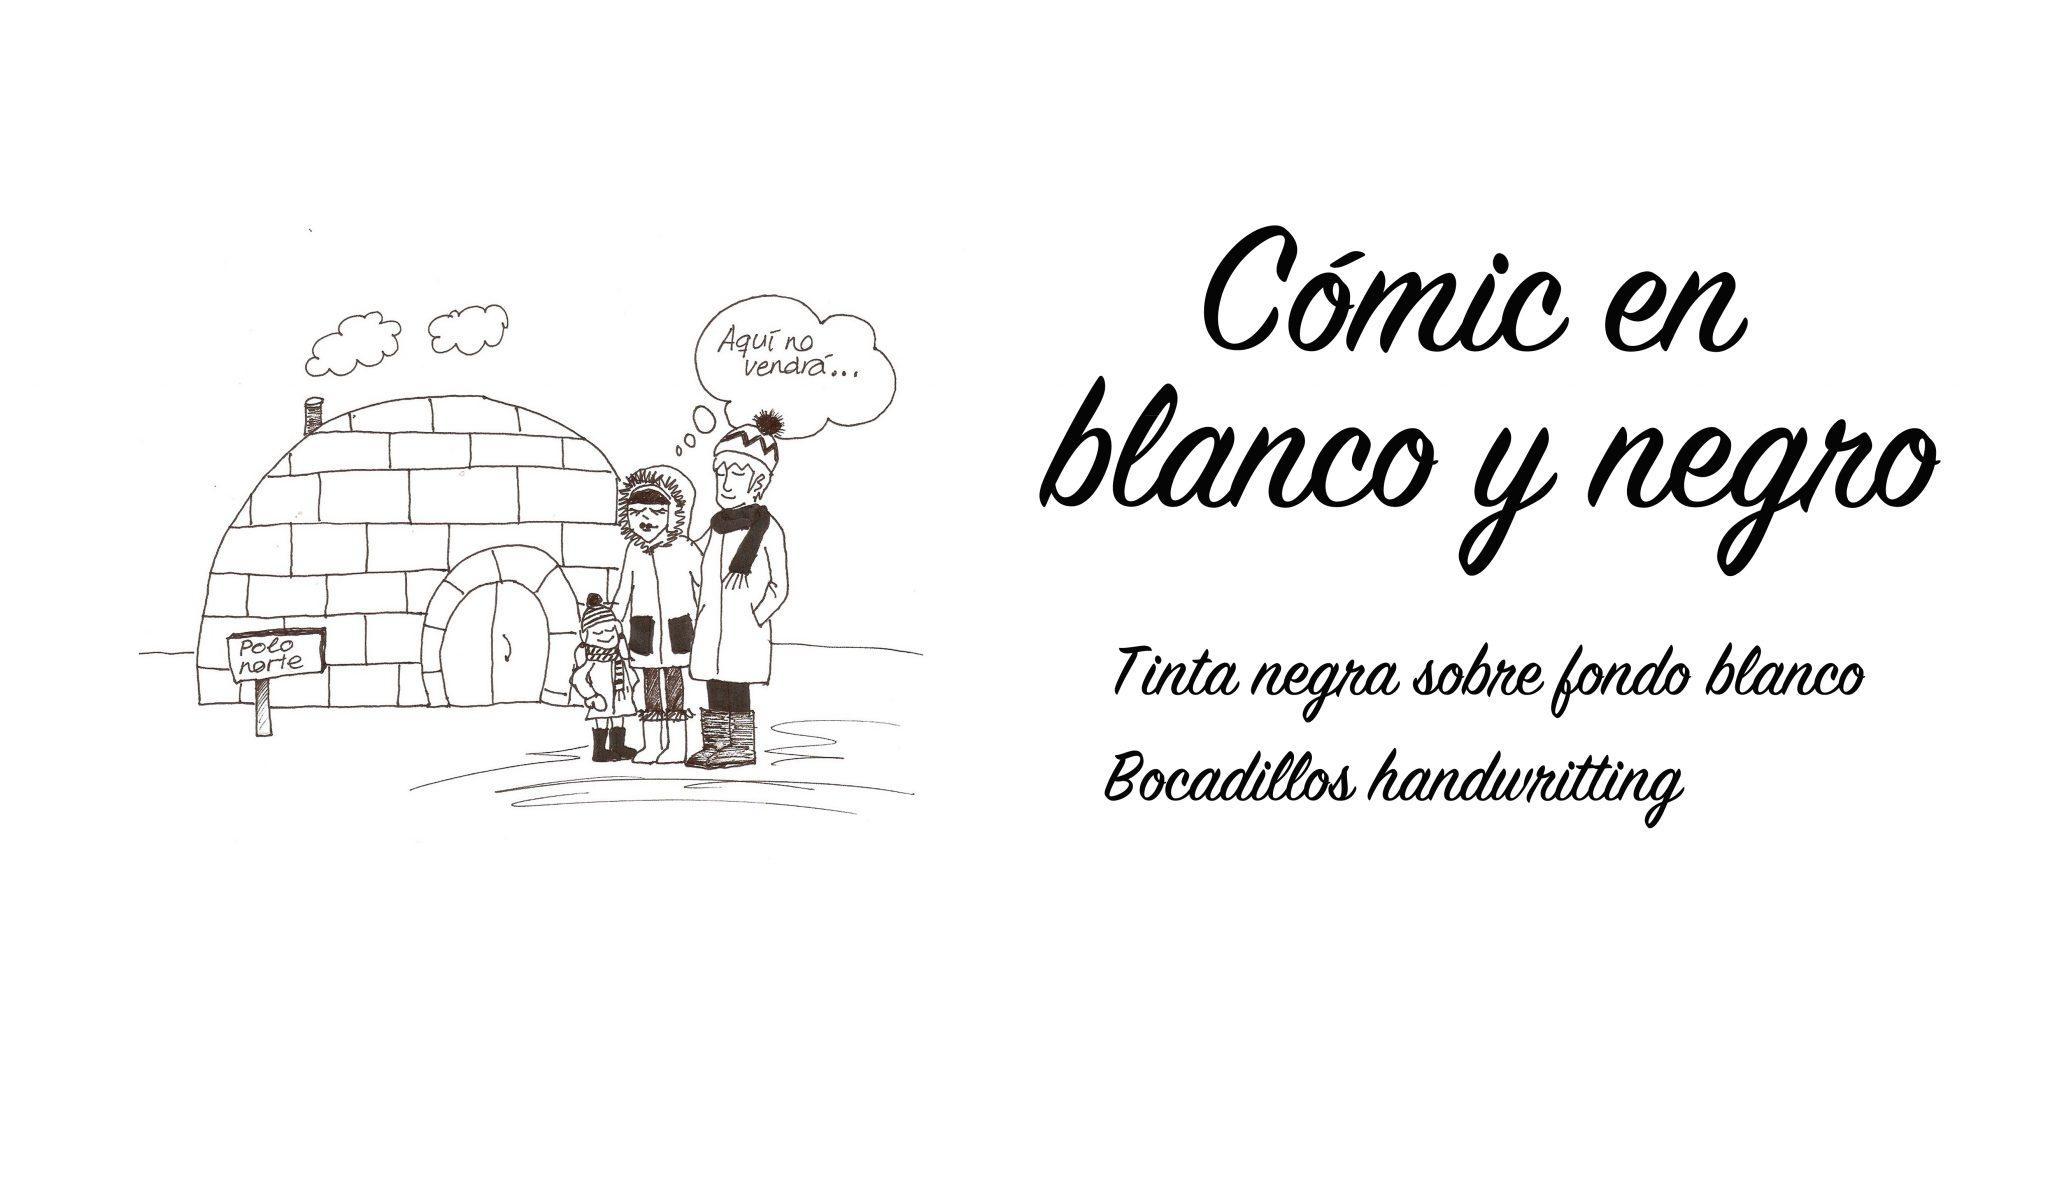 CÓMIC EN BLANCO Y NEGRO